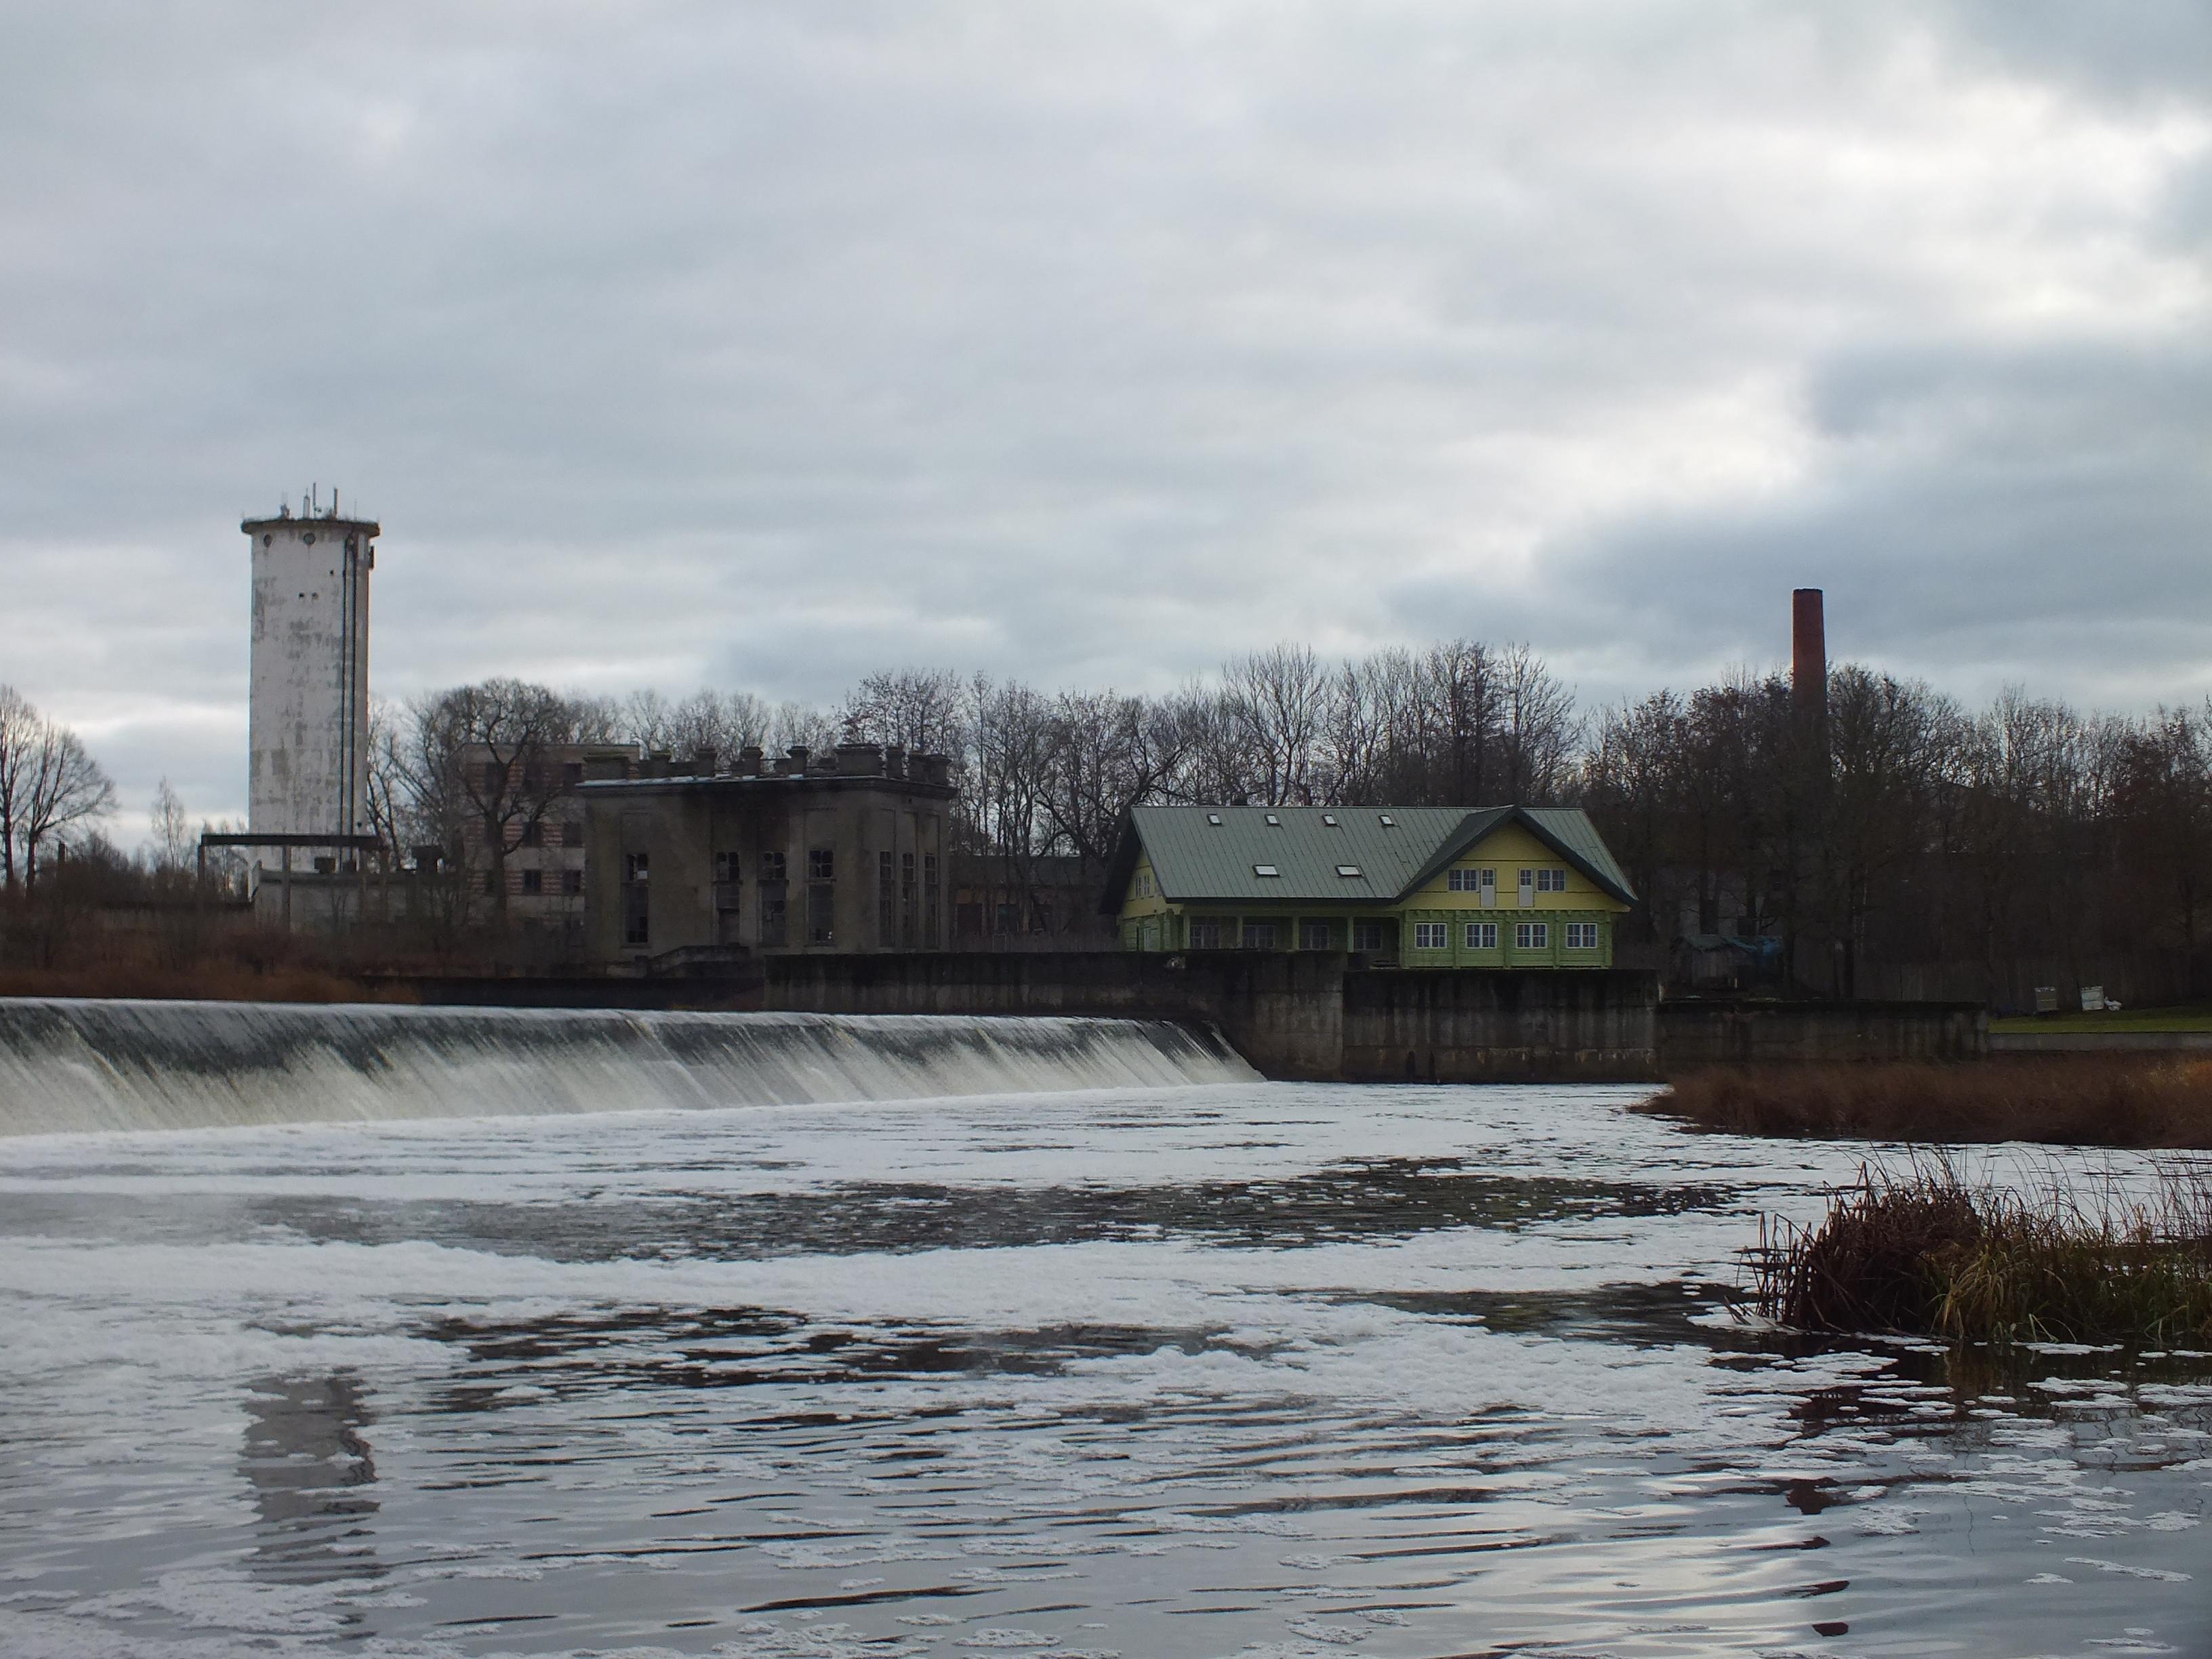 Sindi pais ja hüdroelektrijaam 2015